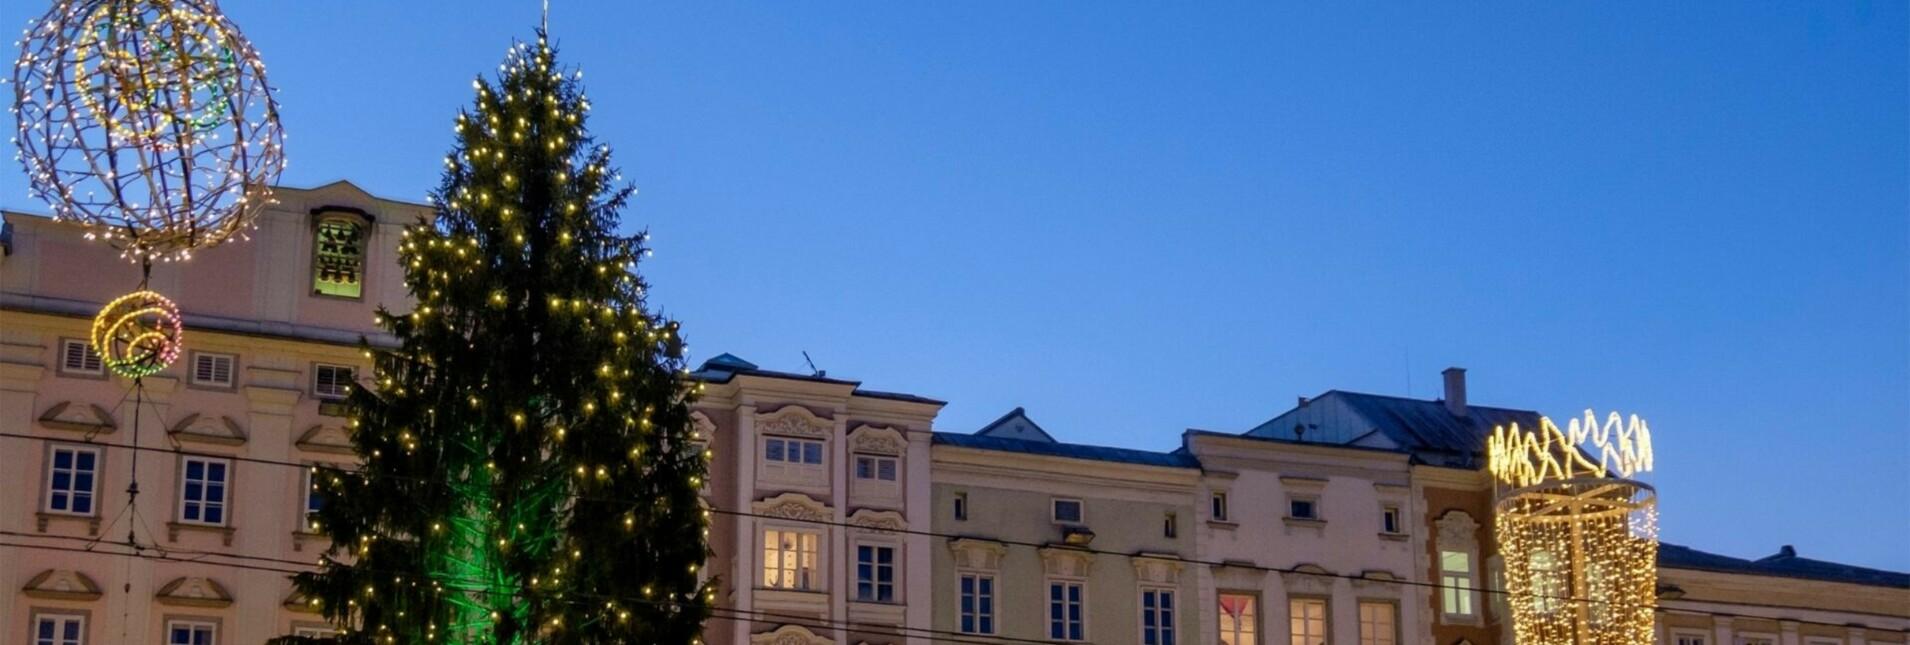 Advent Kurzkreuzfahrt - Alles Theater - von Wien nach Linz